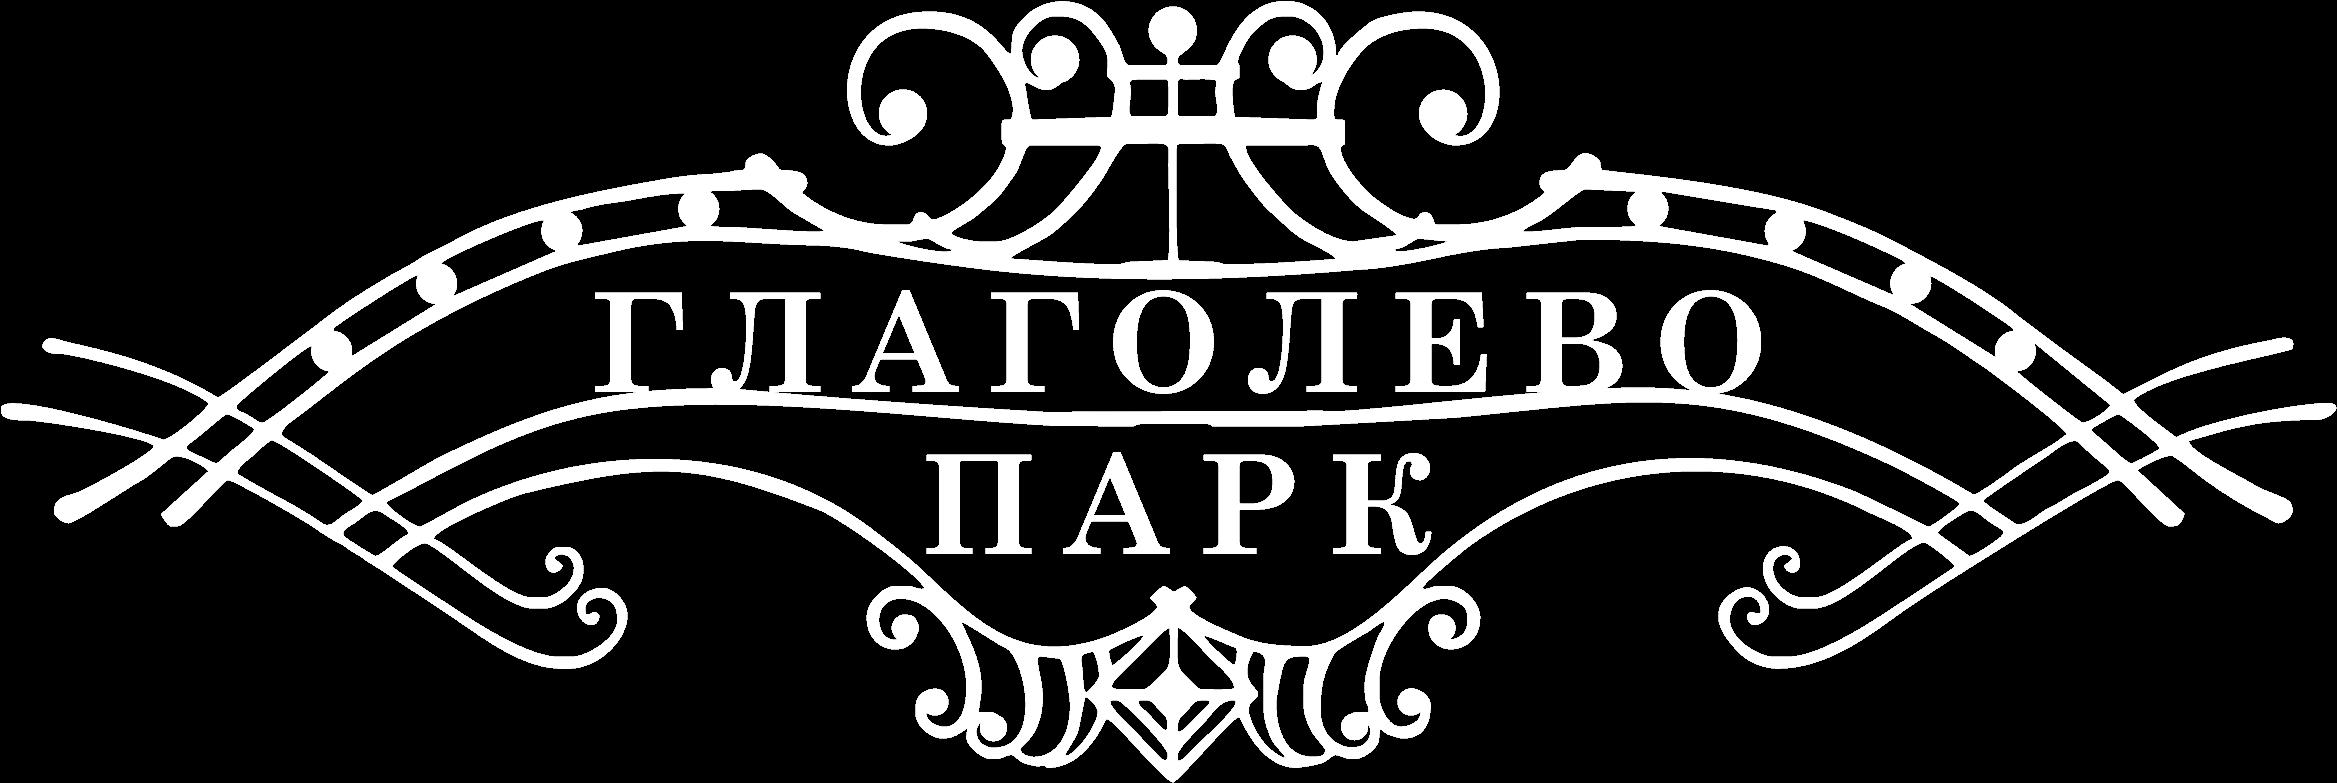 Официальный застройщик Глаголево Парк Киевское шоссе, отдел продаж, коттедж в Подмосковье